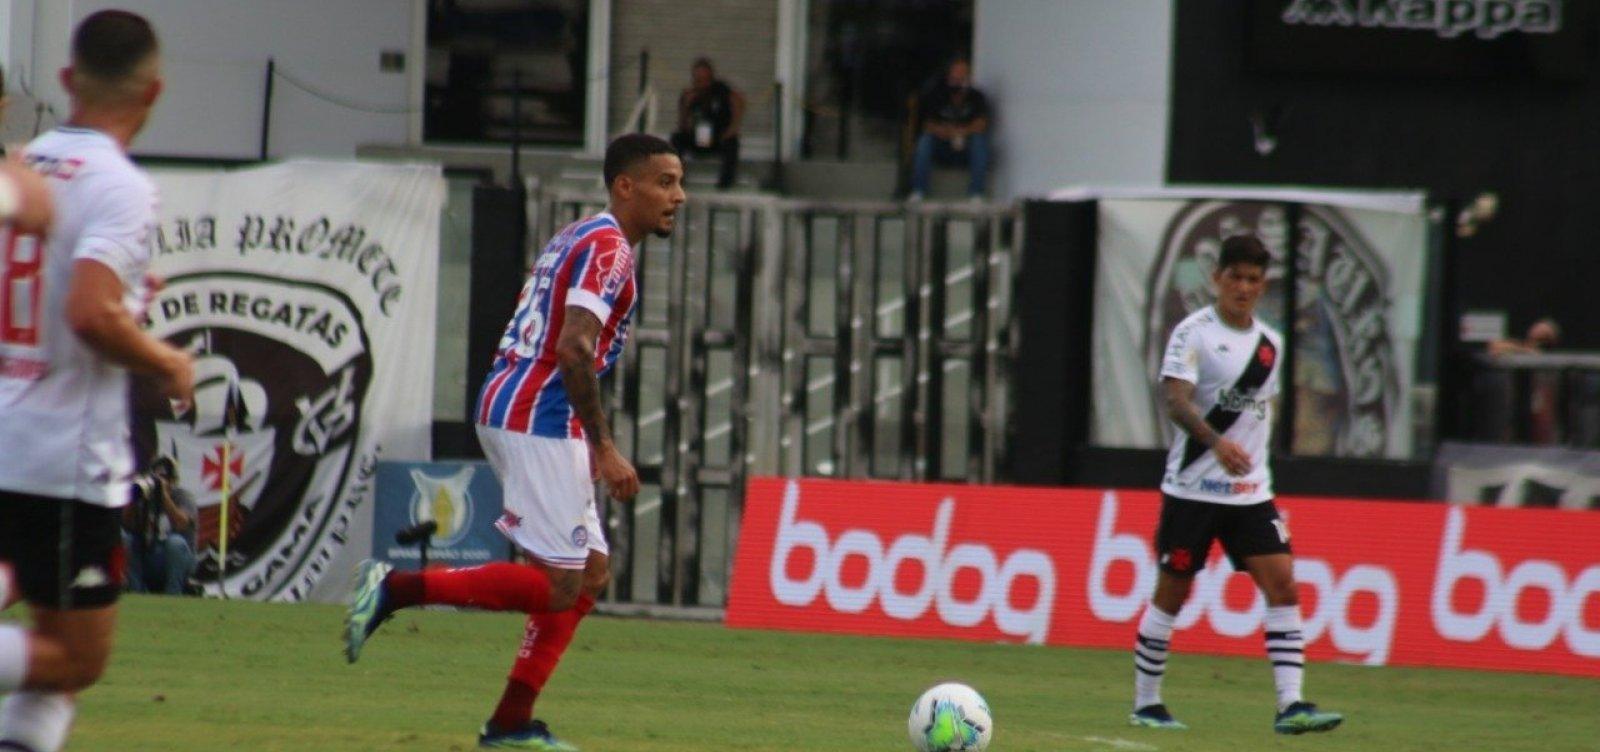 [Bahia e Vasco empatam sem gols pela Série A]